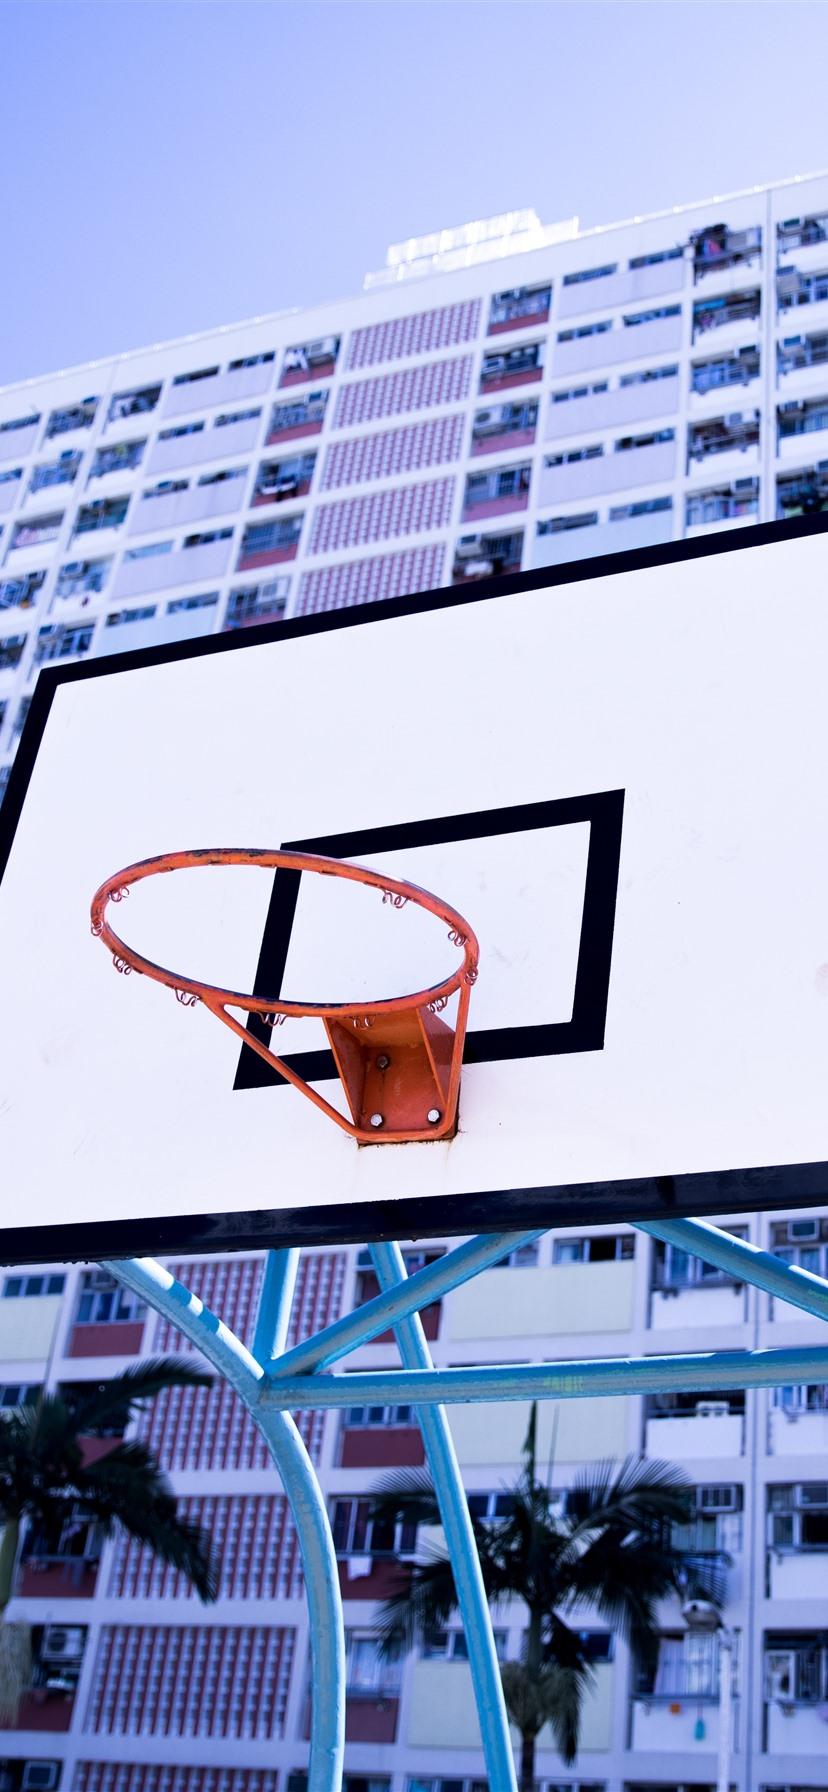 Wallpaper Basketball Net Board Buildings 5120x2880 Uhd